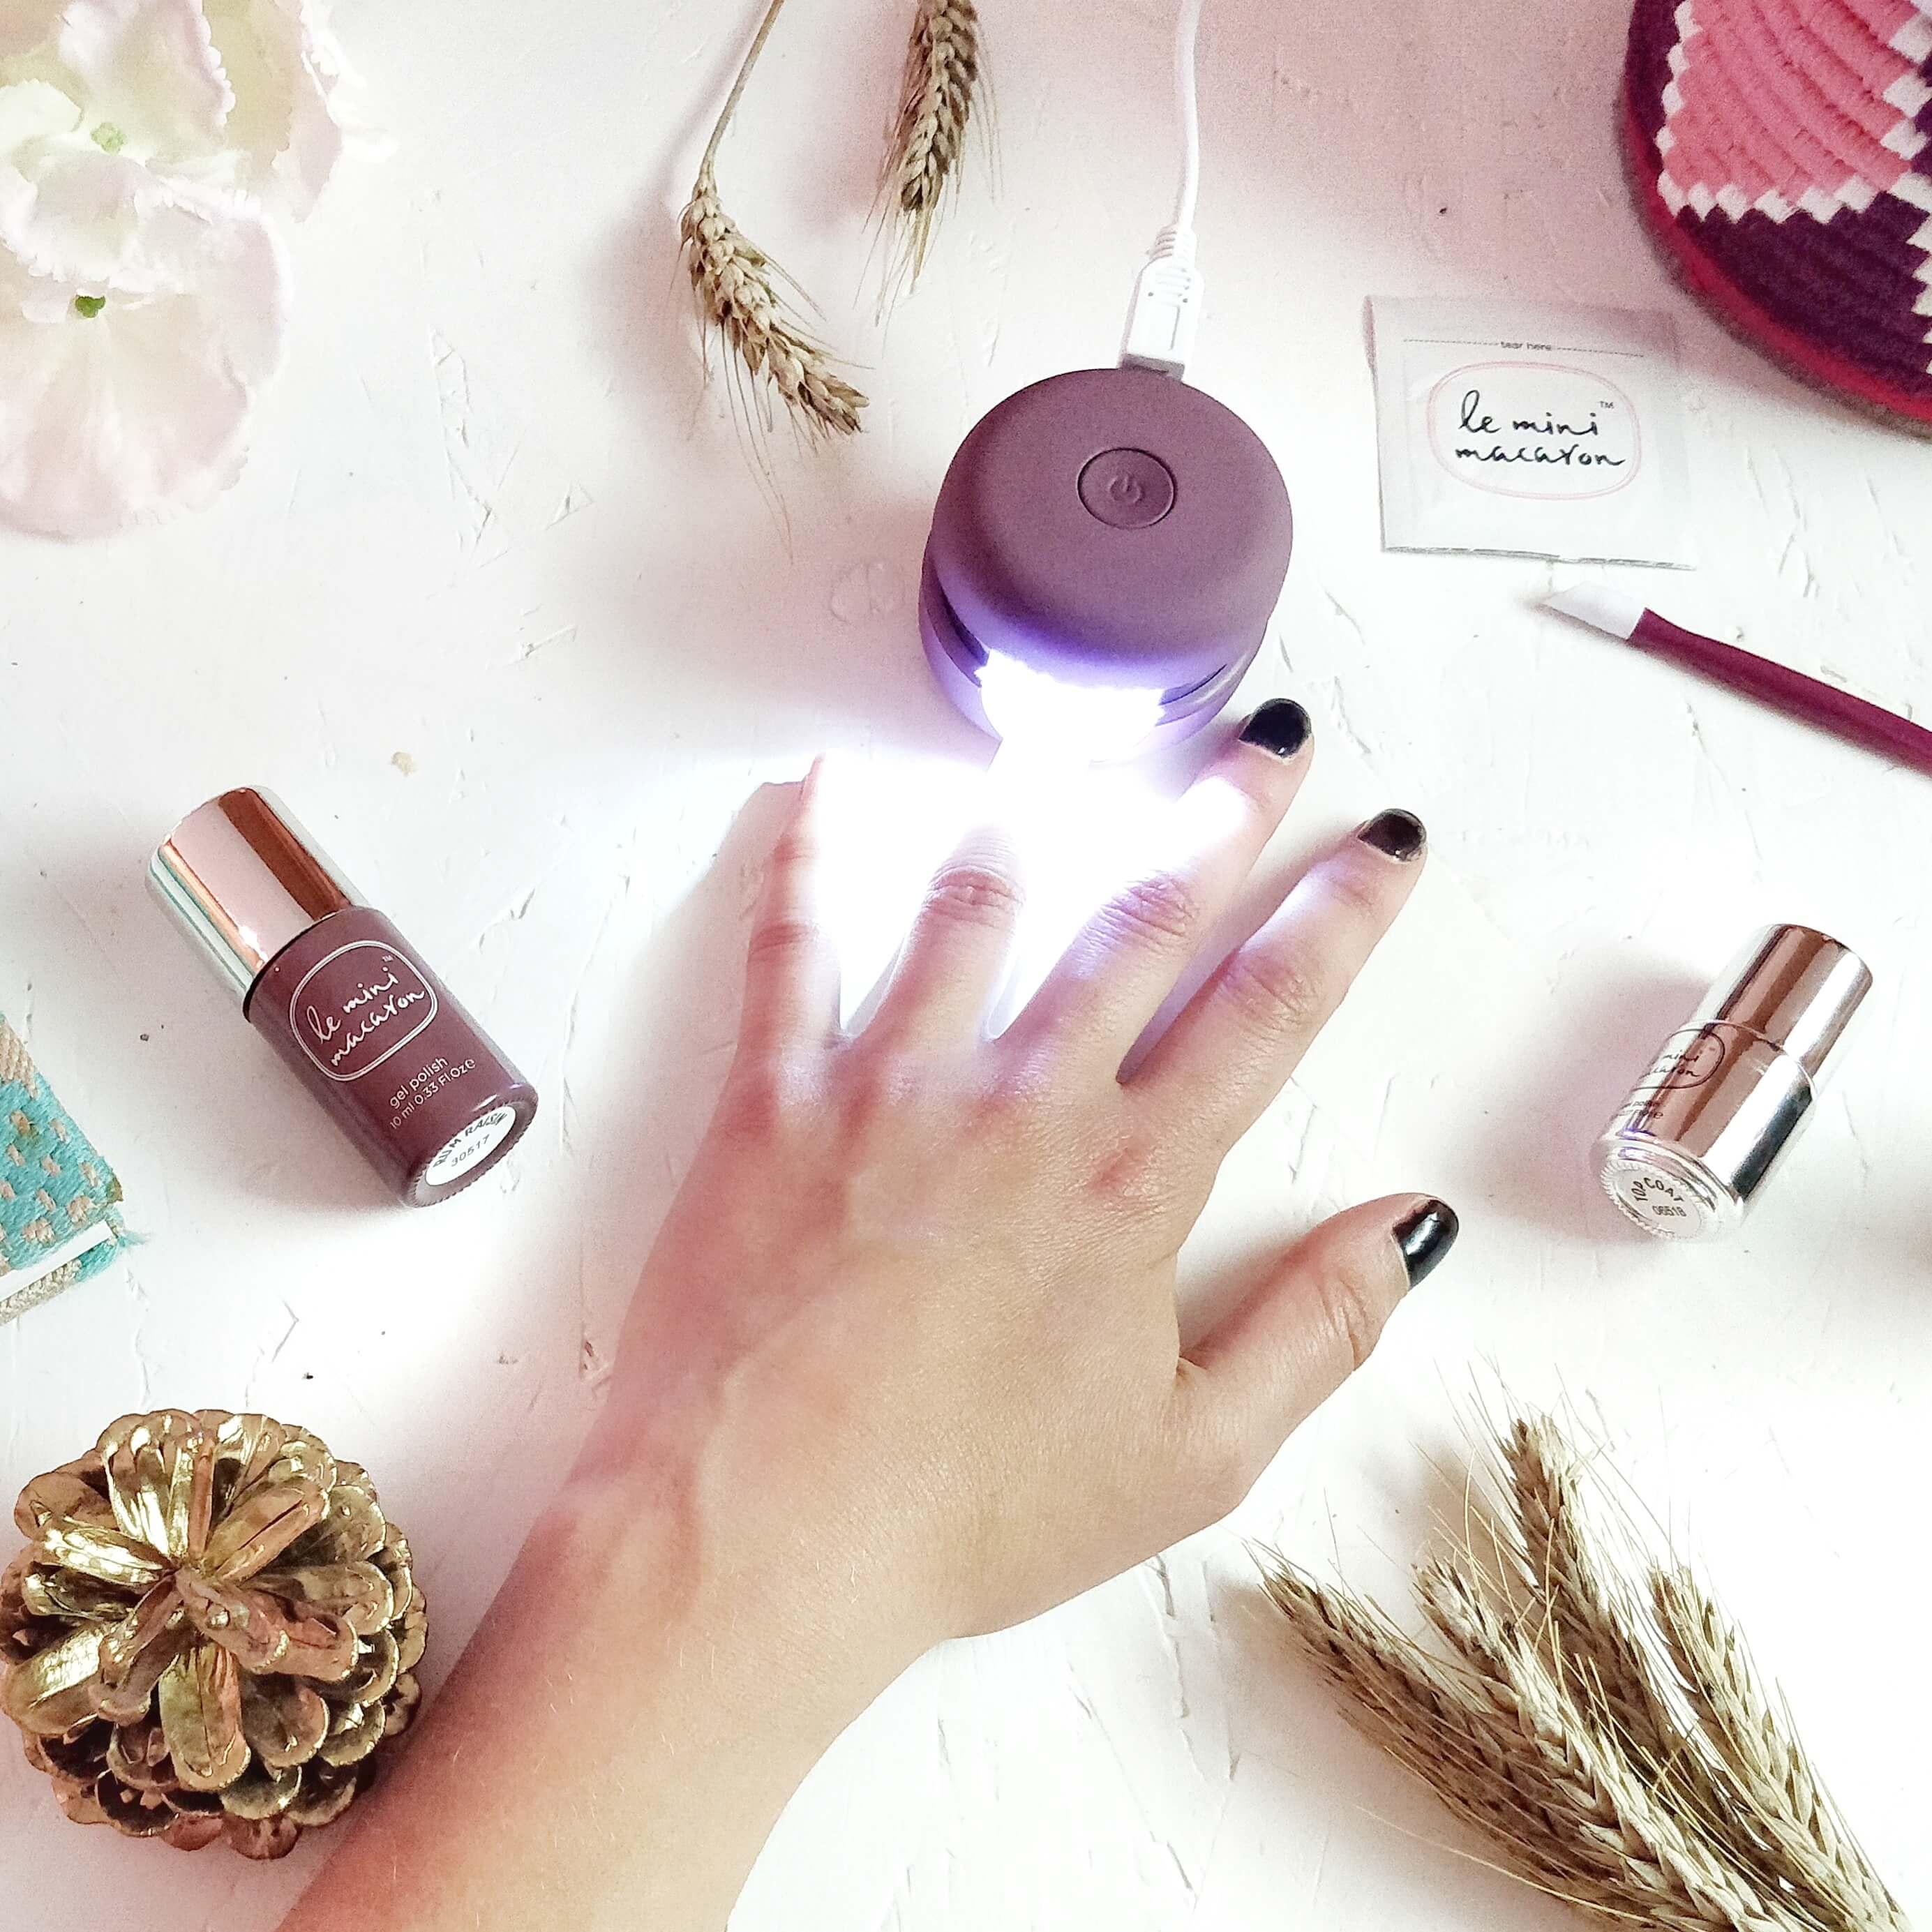 le mini macaron lampe led manucure - Une manucure semi-permanente à faire...chez soi